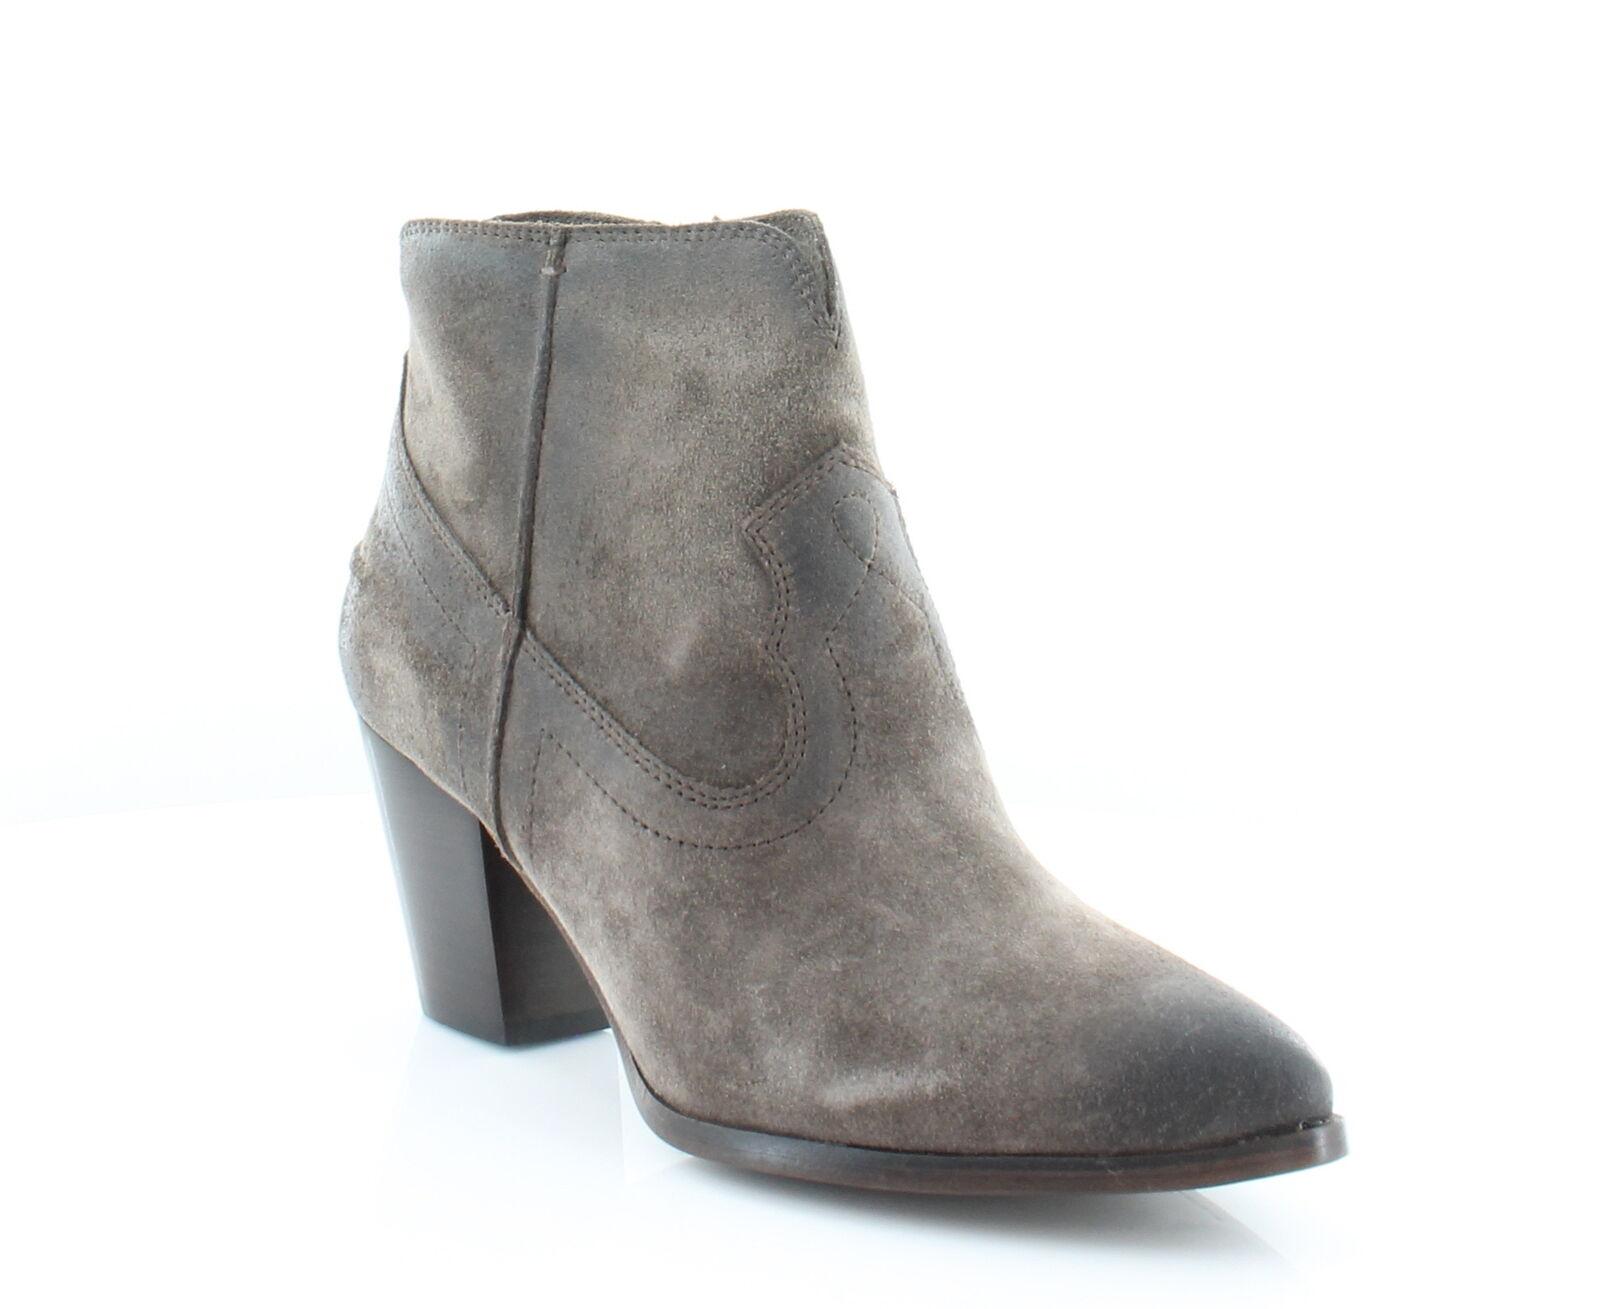 Frye Renee Marrón Zapatos para botas mujer Talla 9 M botas para MSRP  298 ee1afc